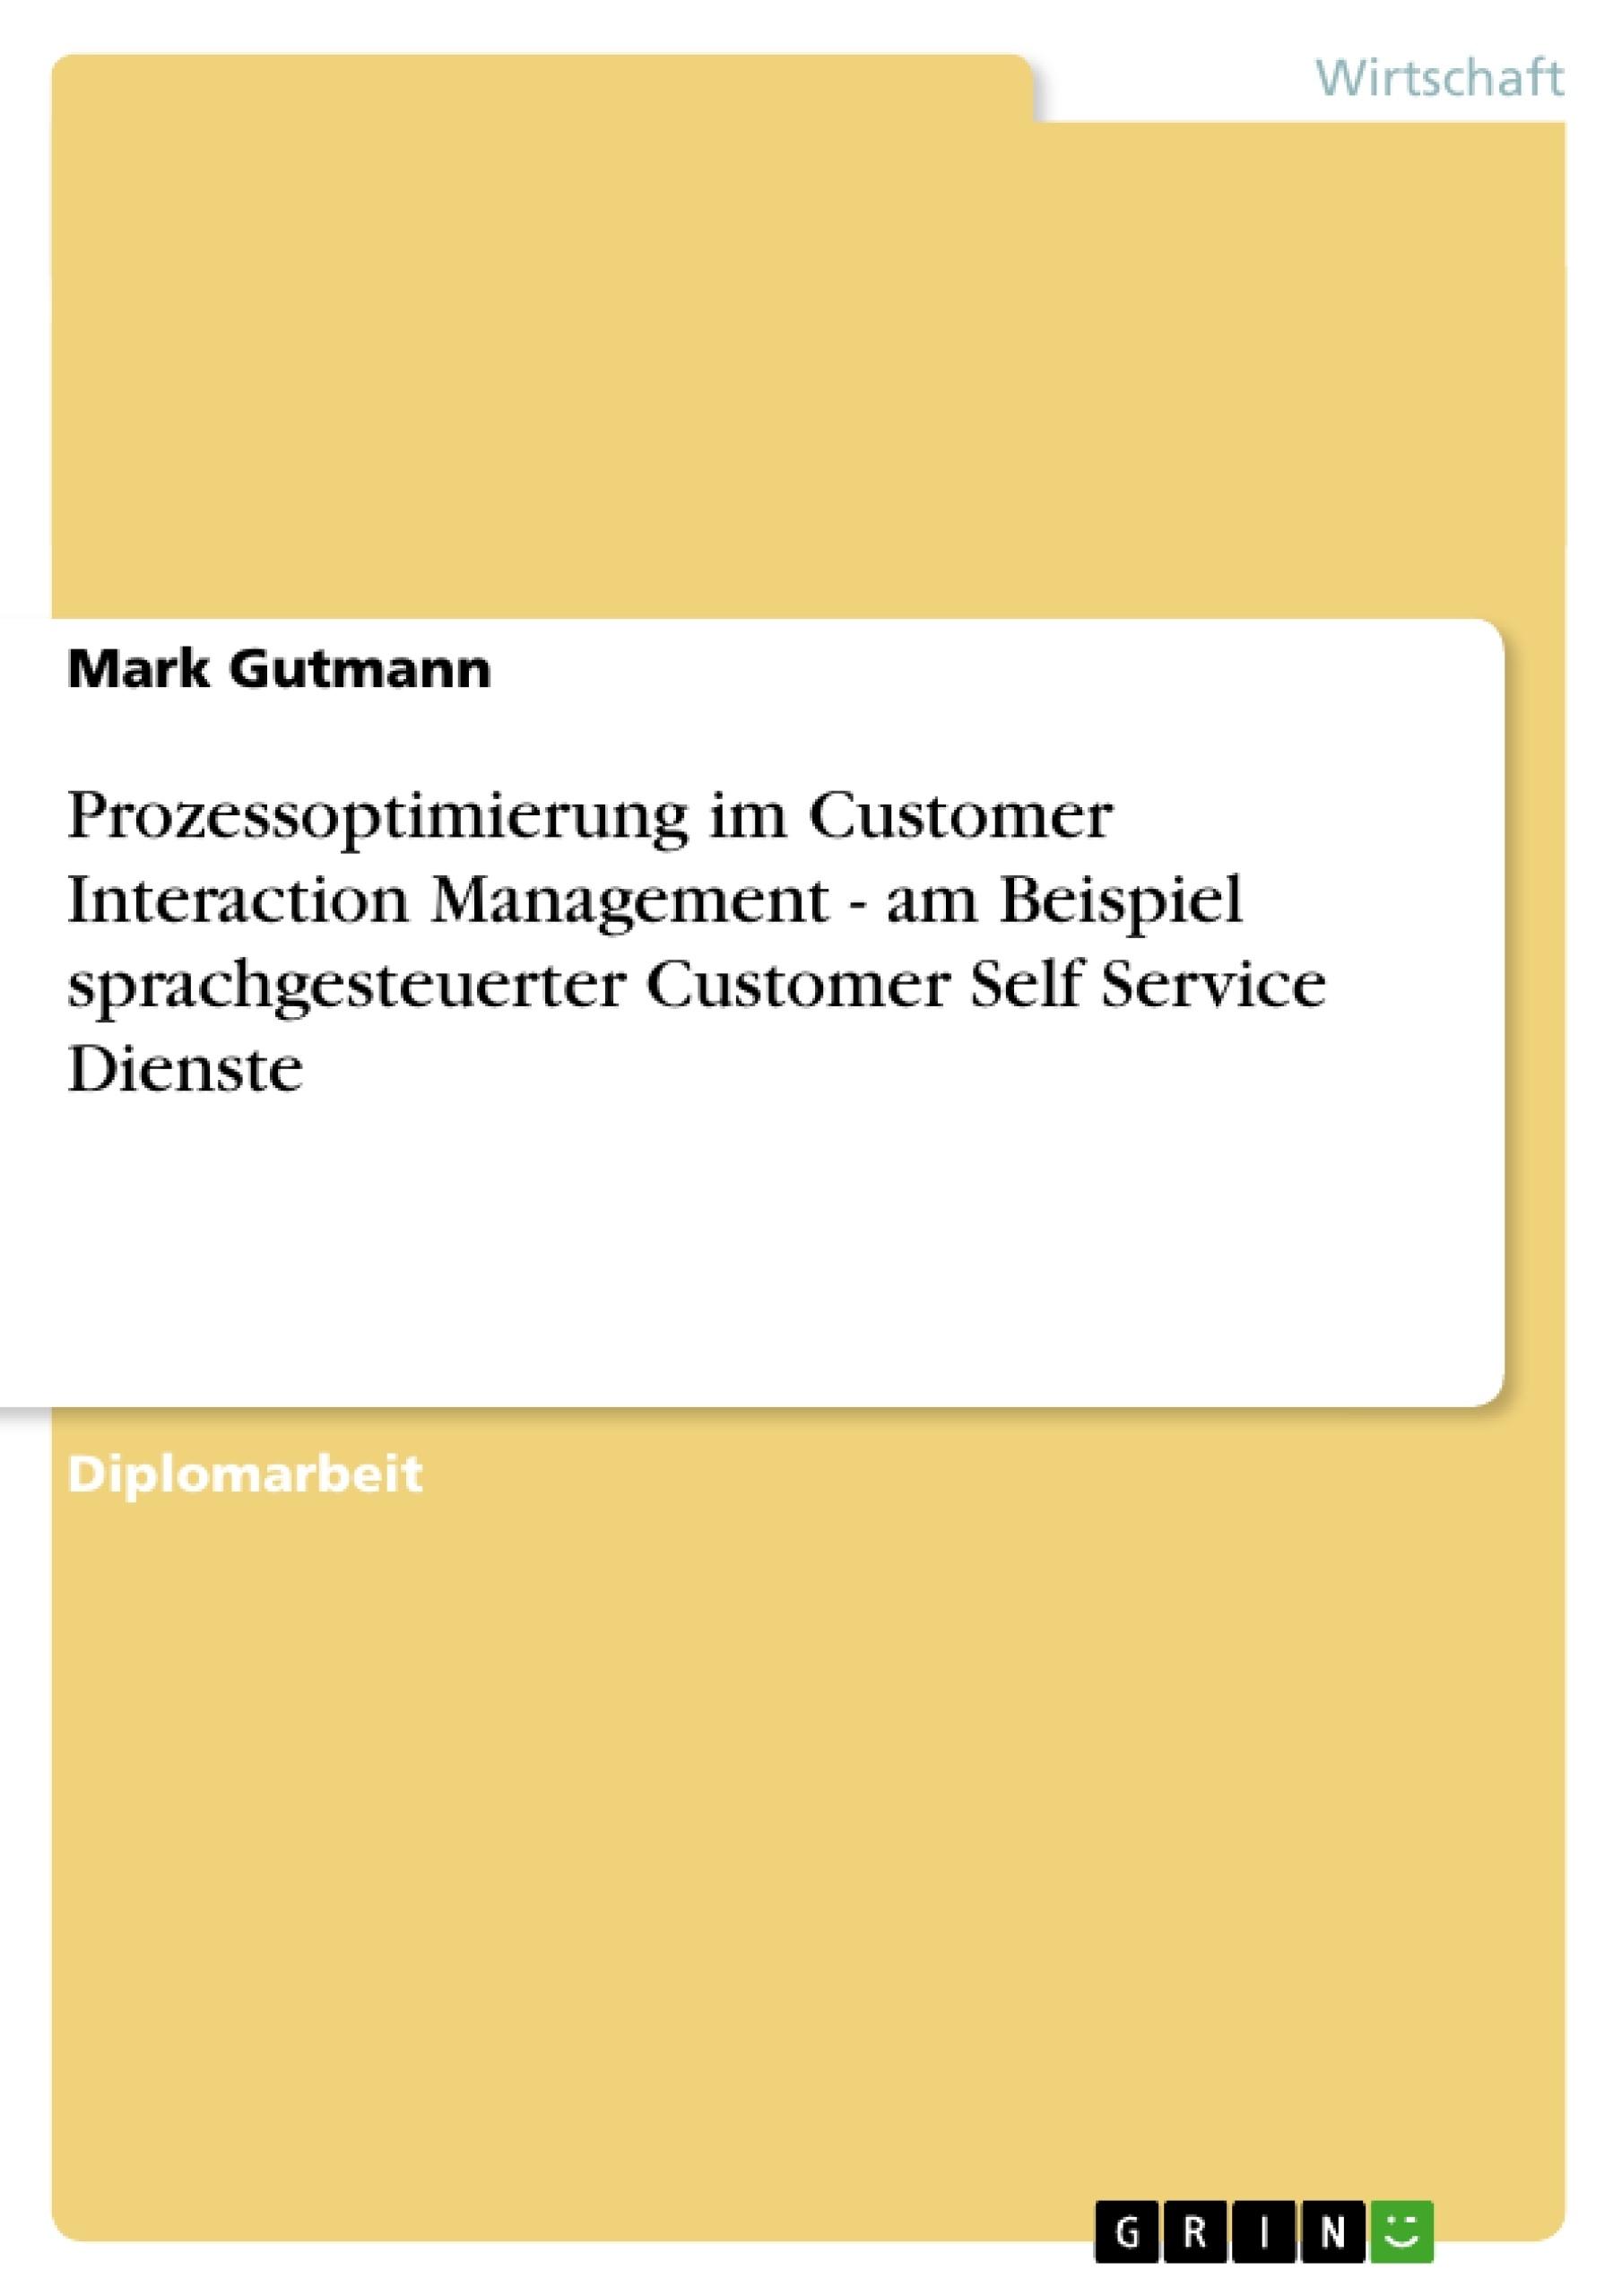 Titel: Prozessoptimierung im Customer Interaction Management - am Beispiel sprachgesteuerter Customer Self Service Dienste